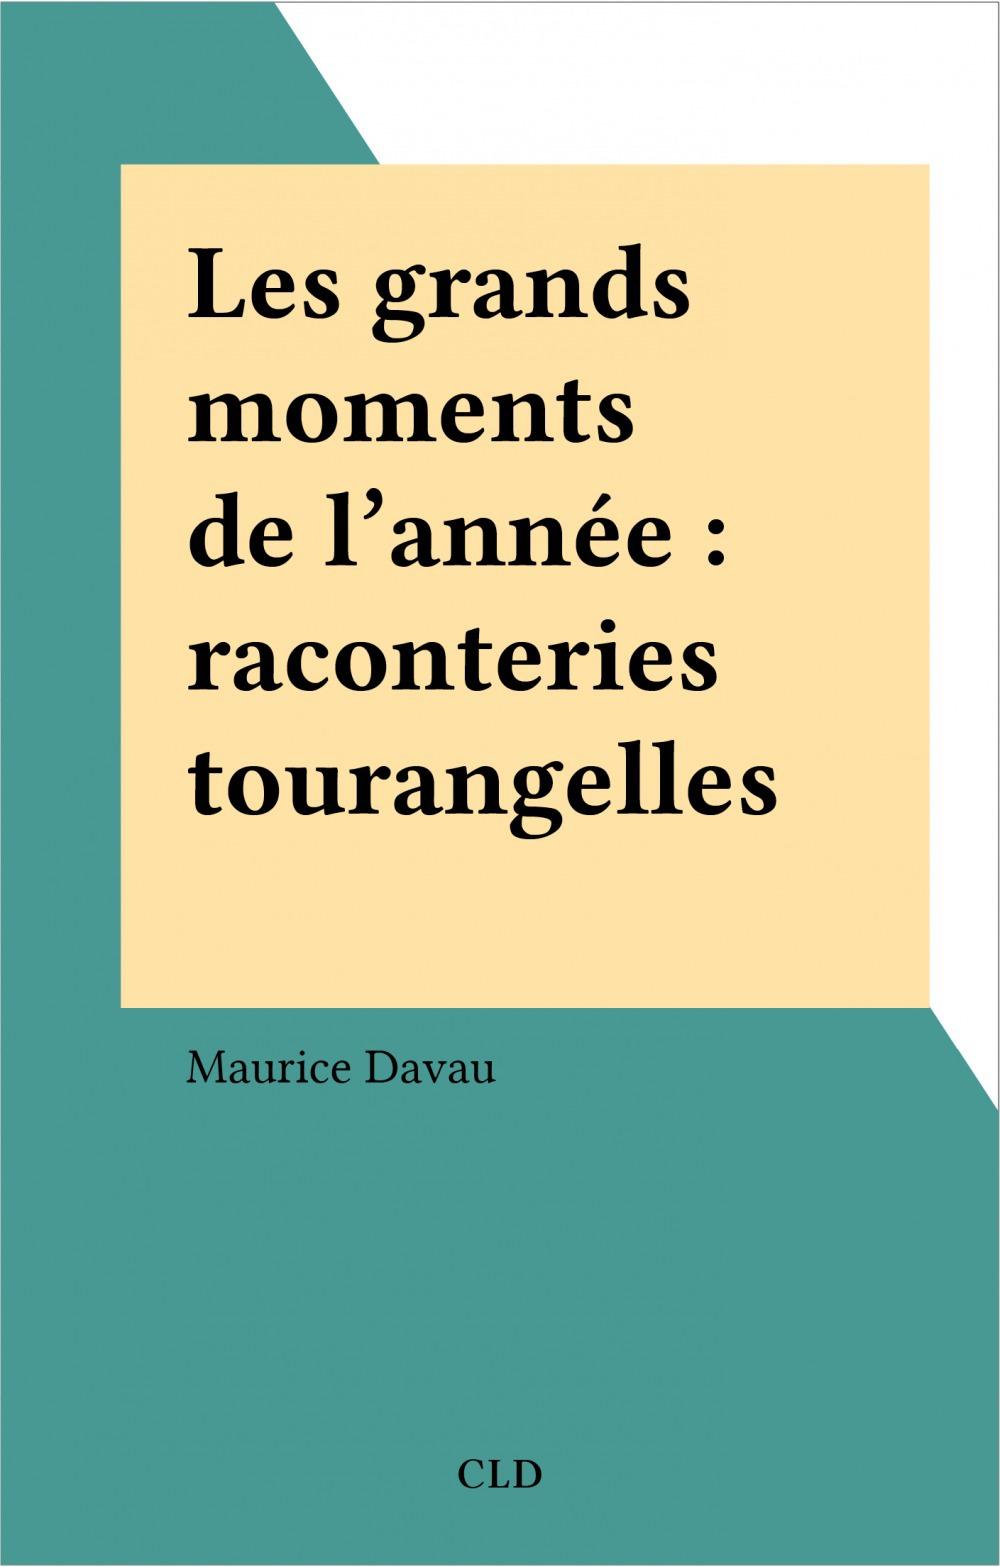 Maurice Davau Les grands moments de l'année : raconteries tourangelles